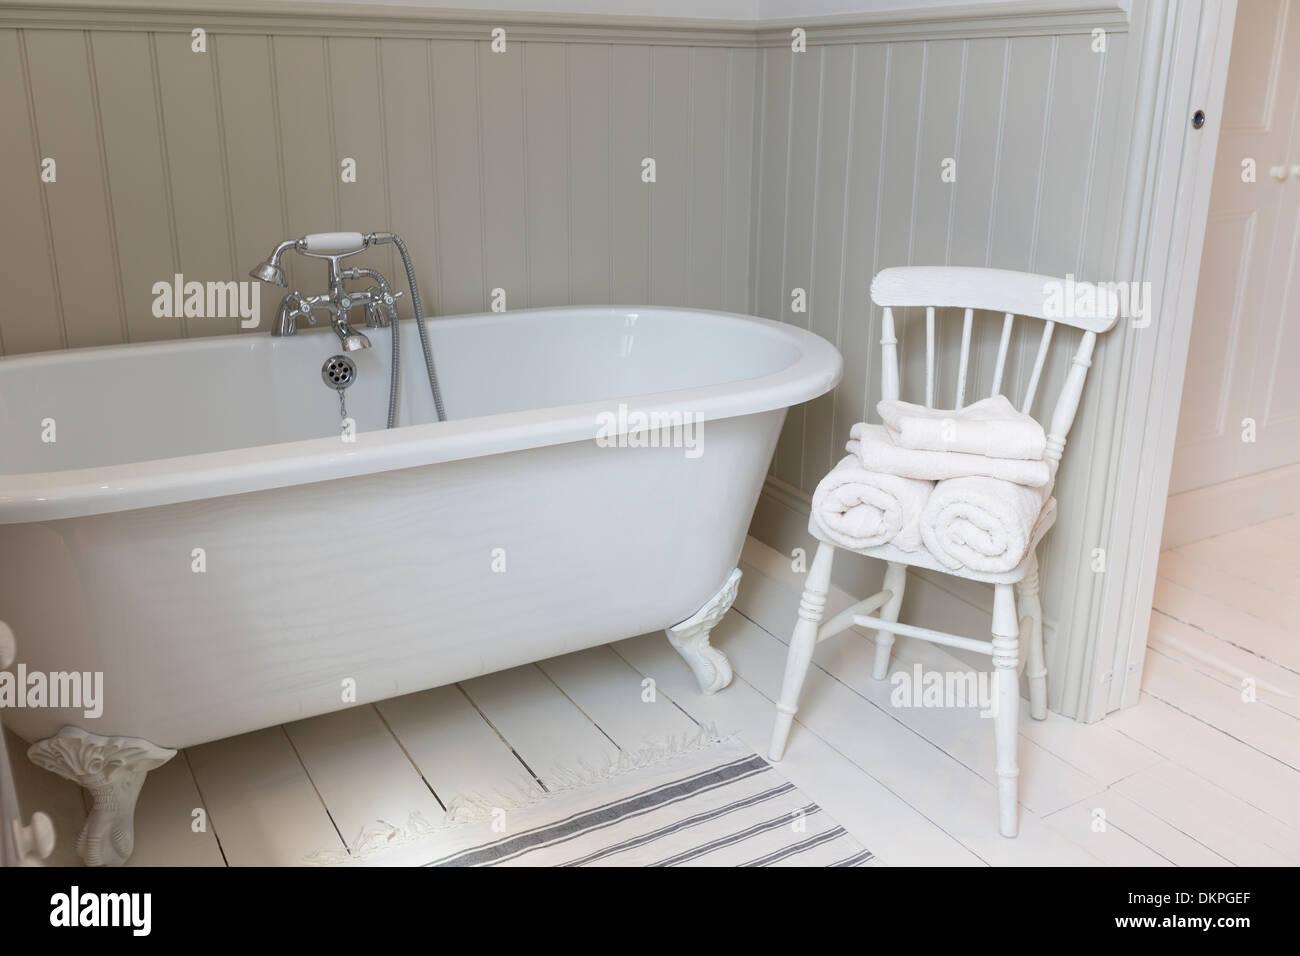 Badewanne und Stuhl im reich verzierten Badezimmer Stockfoto, Bild ...